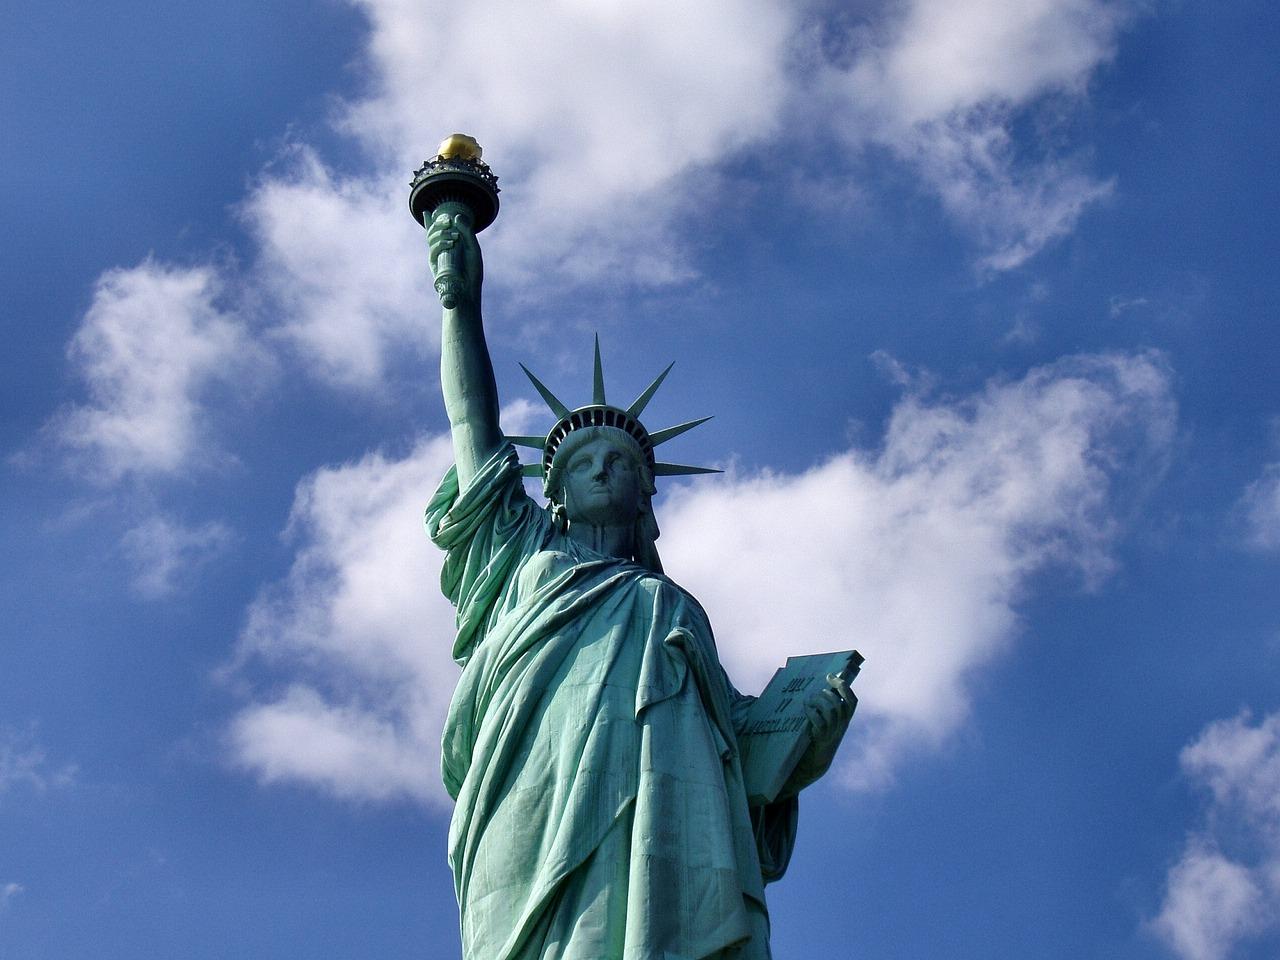 Почему Статуя Свободы зеленого цвета